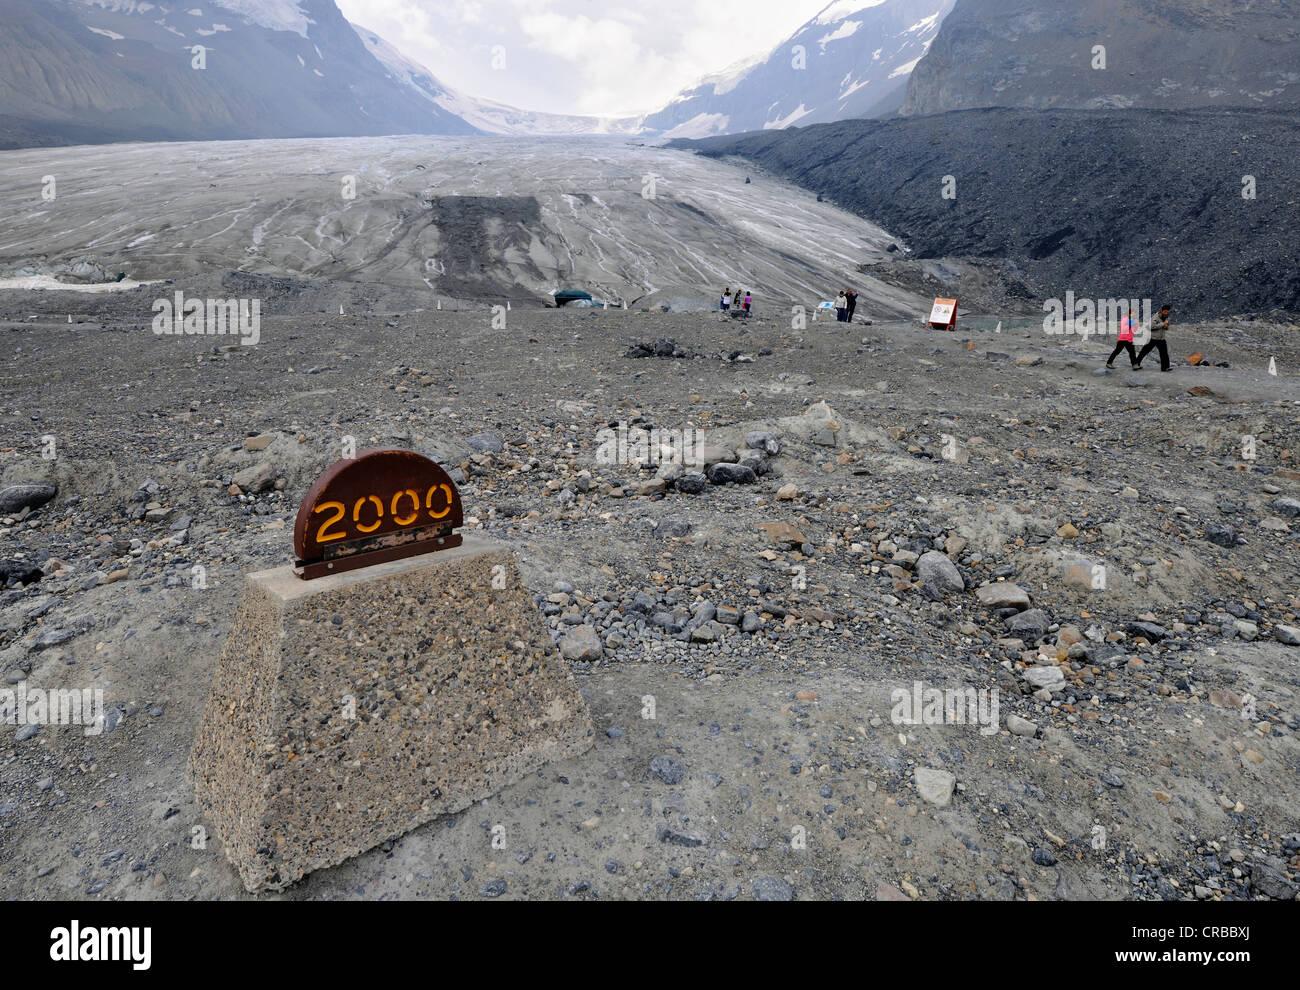 Le marqueur montrant le retrait du glacier en raison du réchauffement climatique, ancienne mesure du Glacier Photo Stock